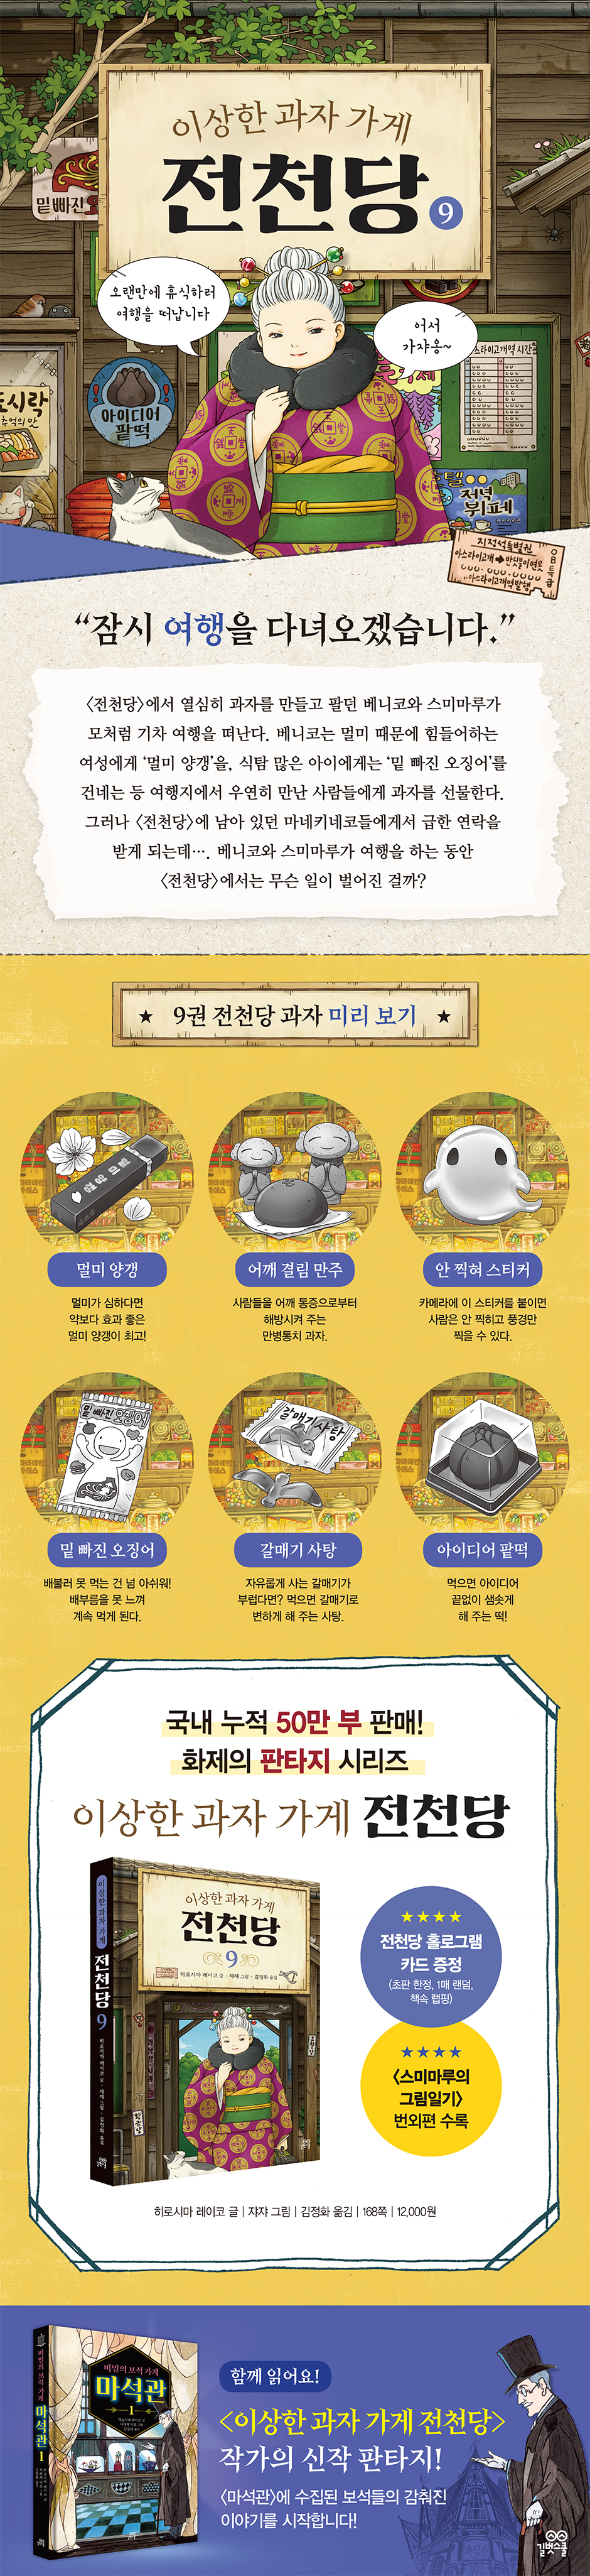 이상한 과자 가게 전천당 9권 도서 소개 이미지